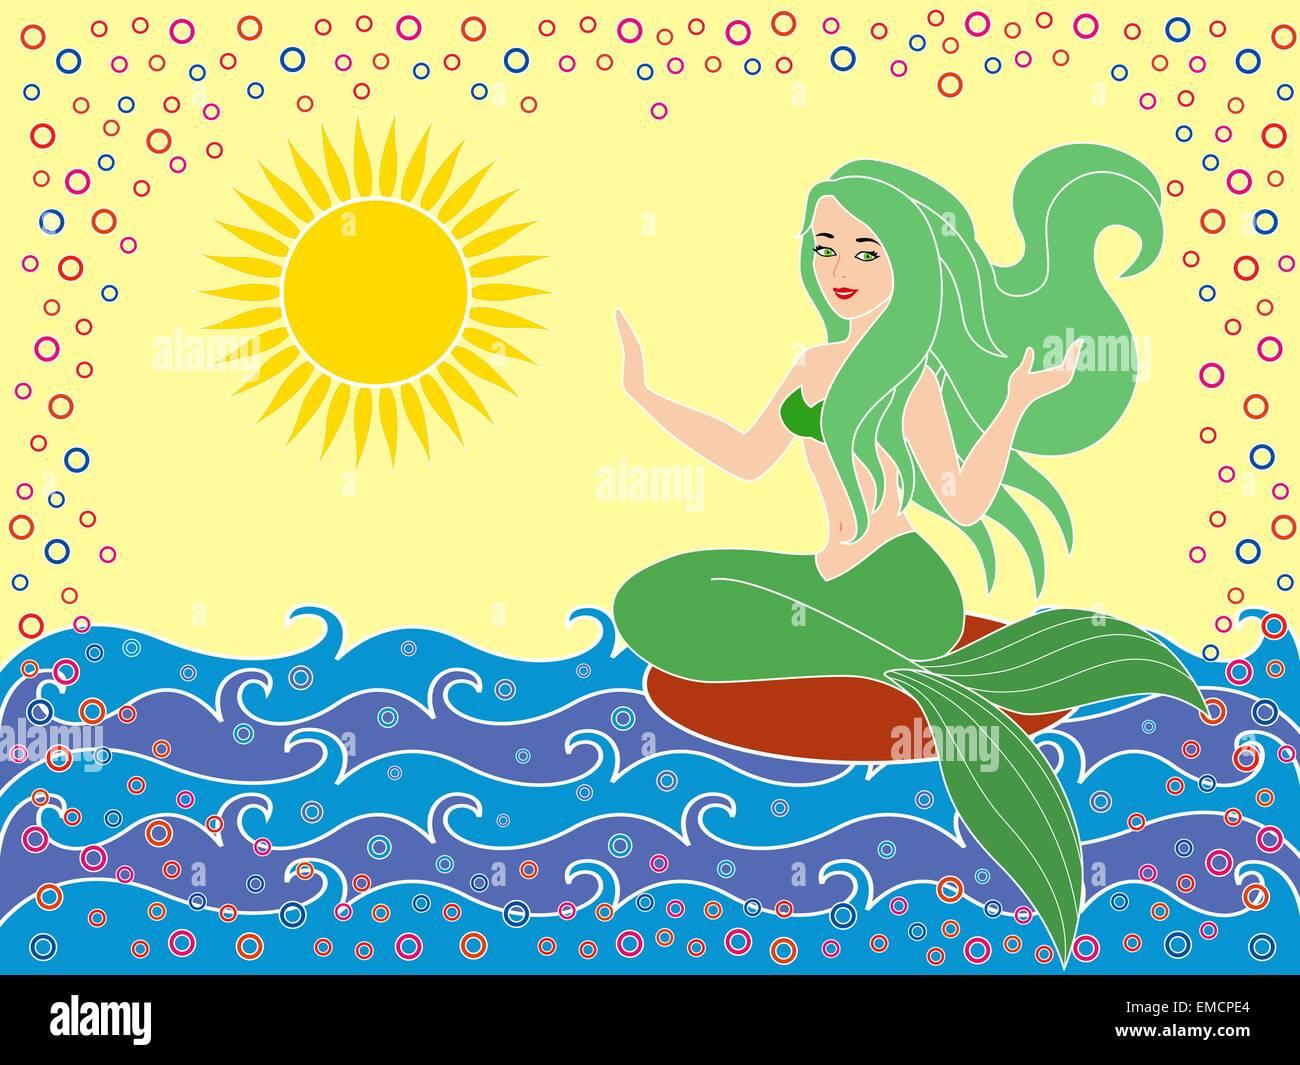 Mermaid on the sea waves - Stock Image